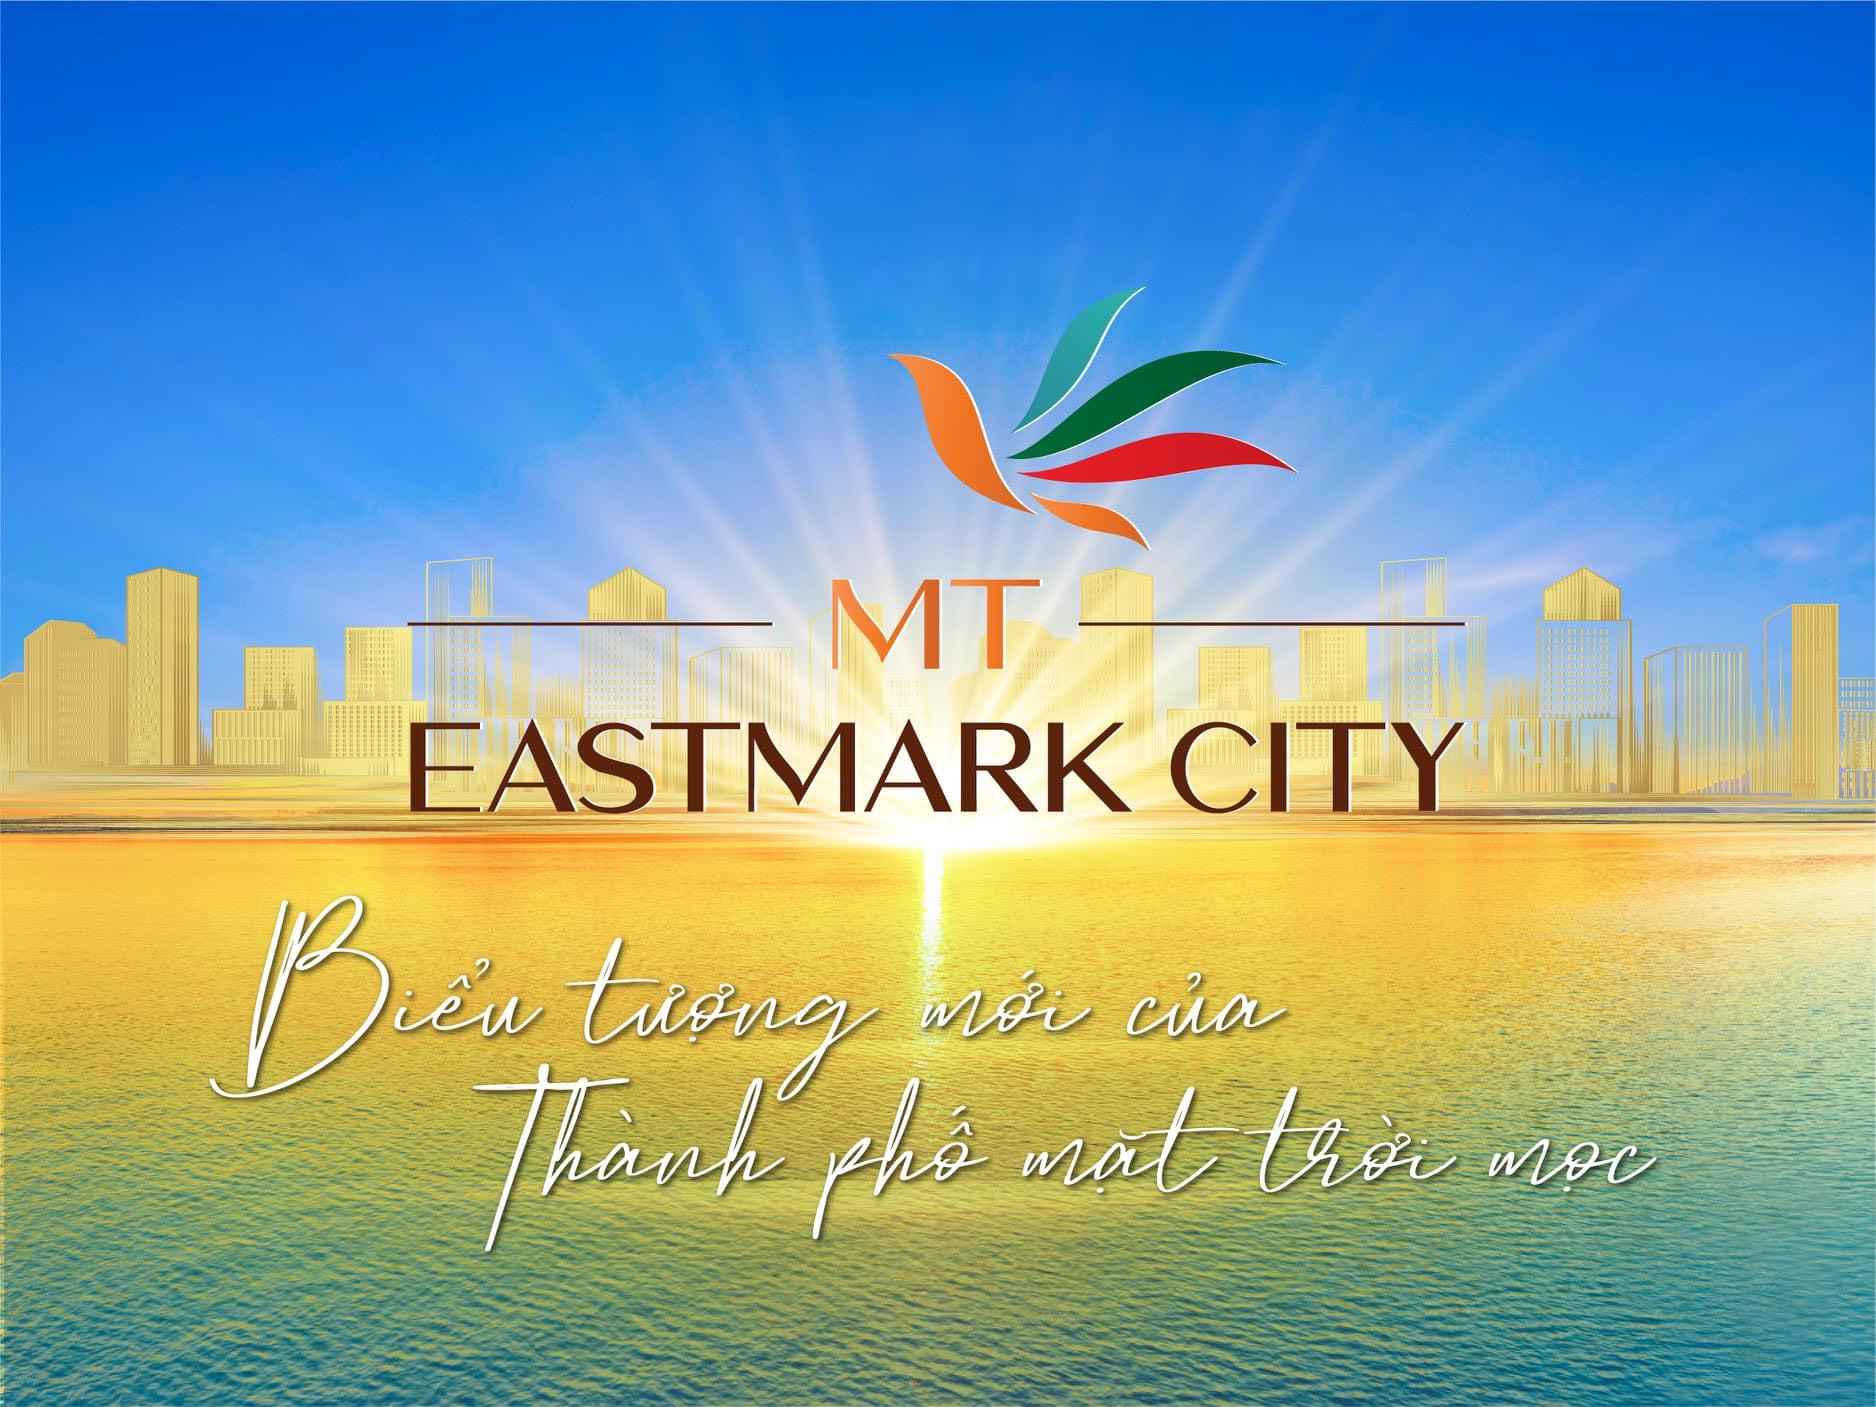 Dự án căn hộ MT Eastmark City Điền Phúc Thành Quận 9.